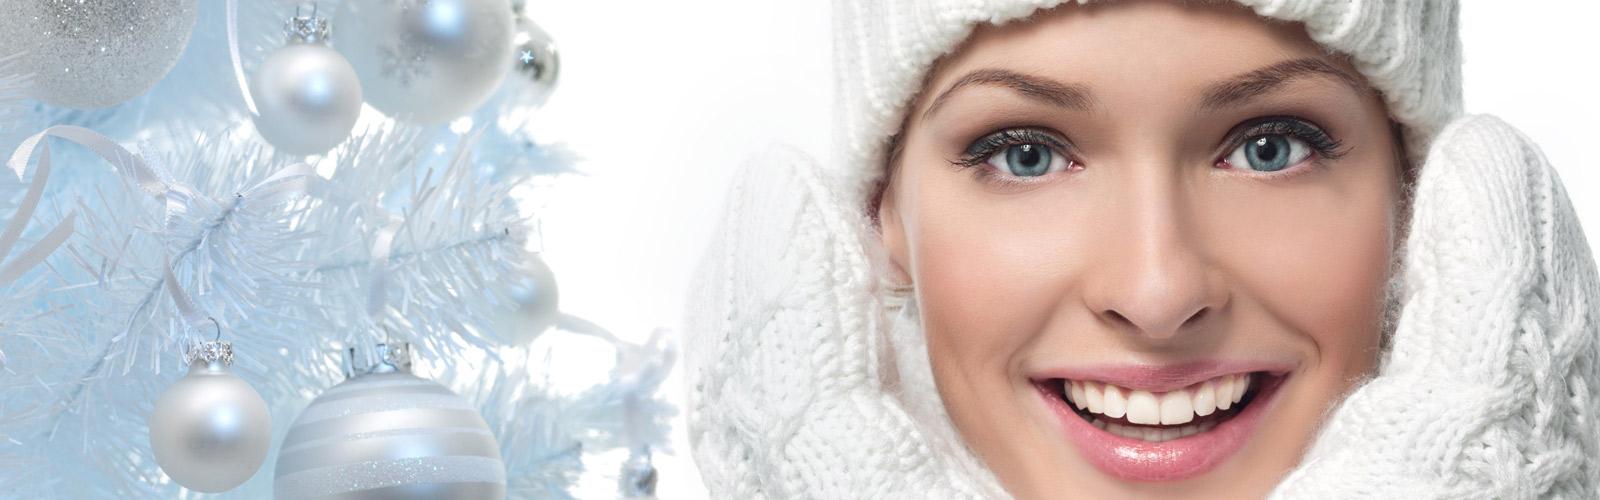 Dame mit Hut im Schnee